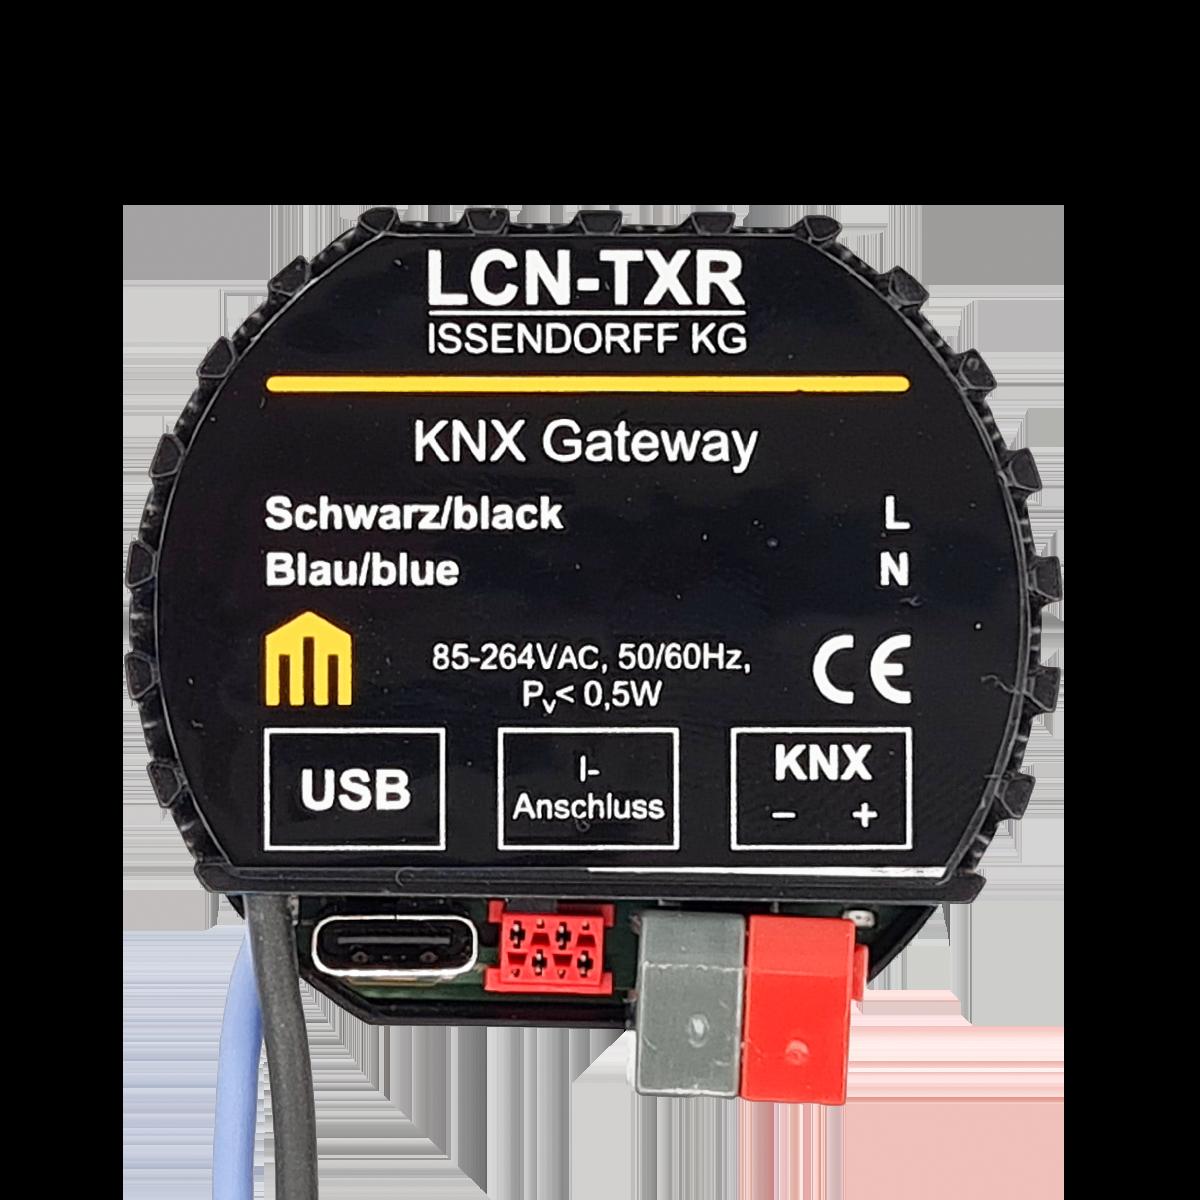 LCN-TXR